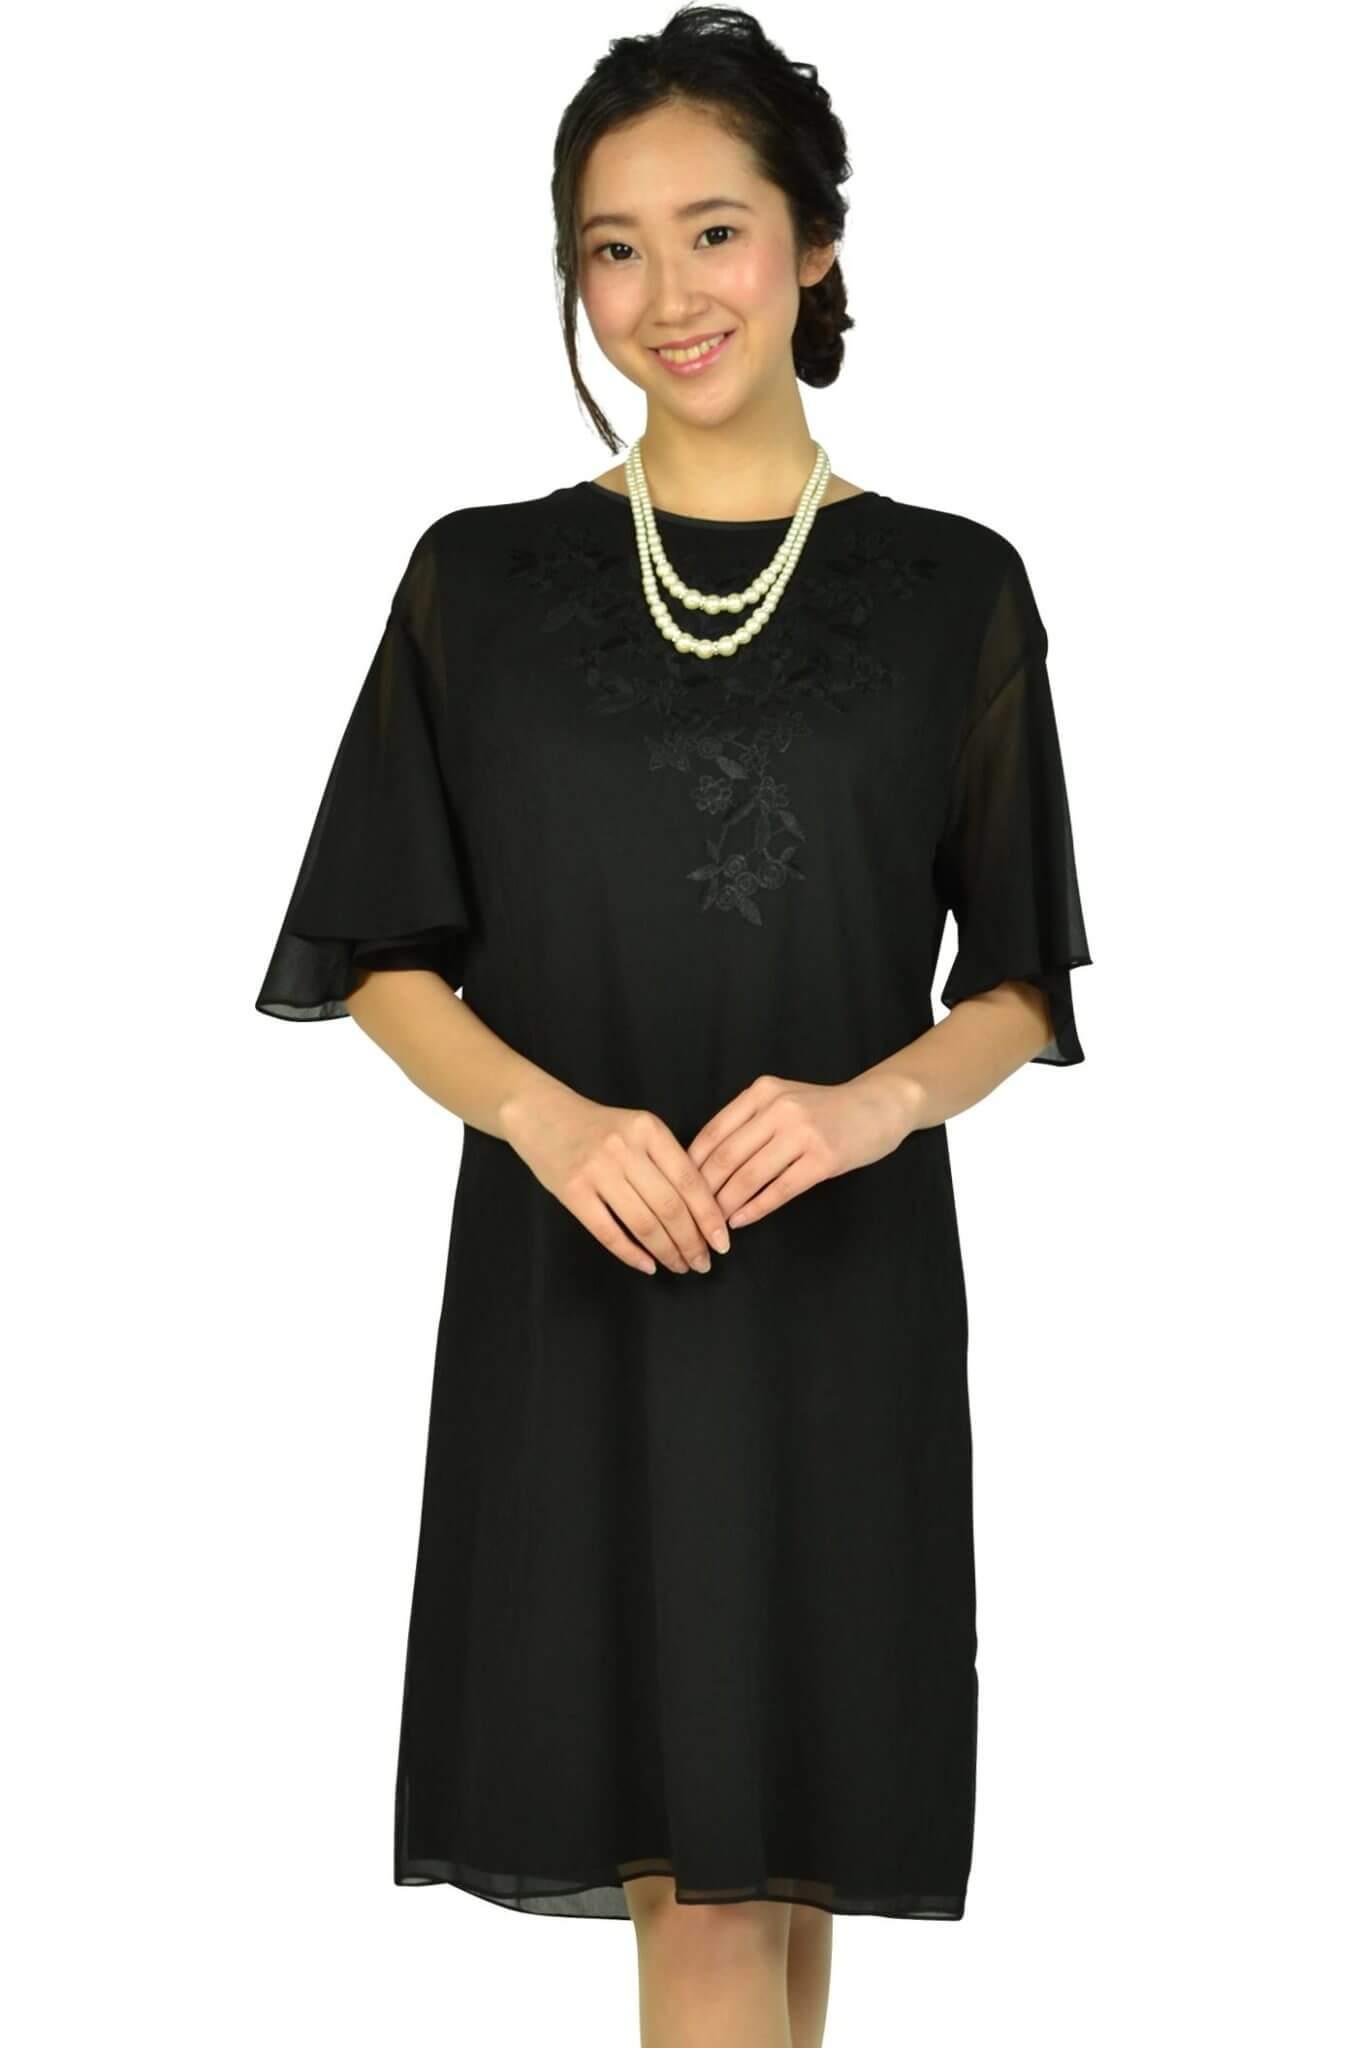 アマカ(AMACA)フレア袖花柄刺繍ブラックドレス